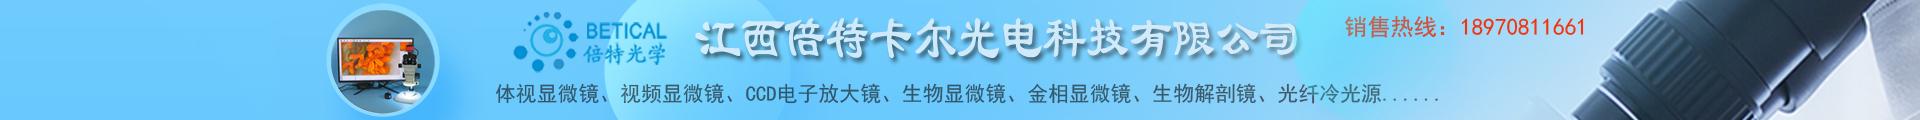 江西倍特卡尔光电科技有限公司